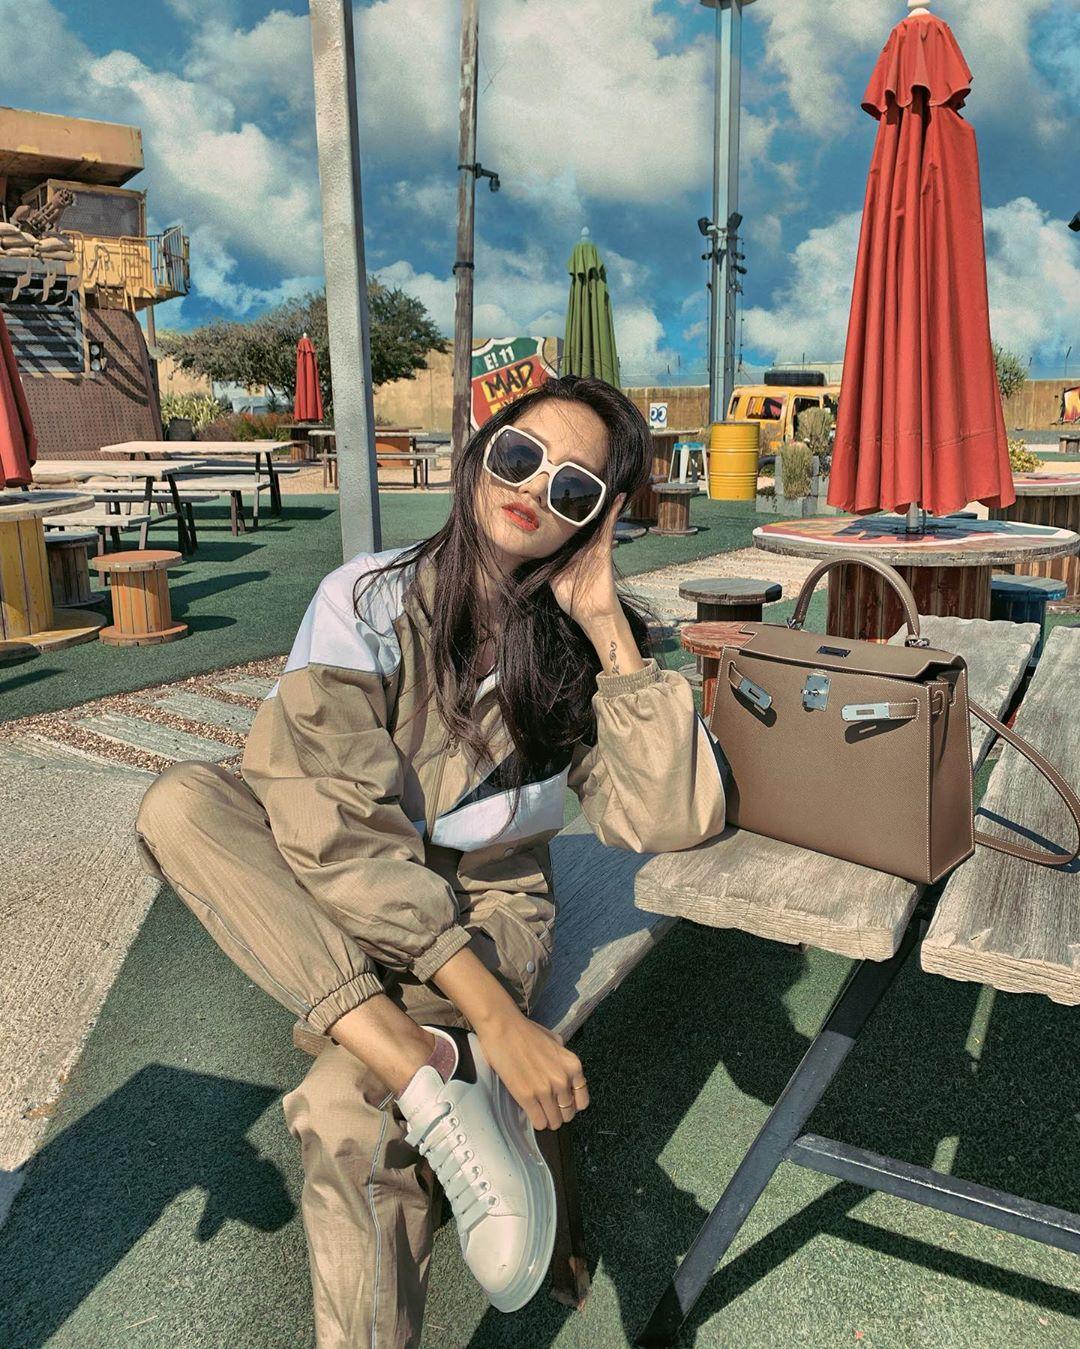 Hương Giang đeo kính thời trang to bản gọng trắng